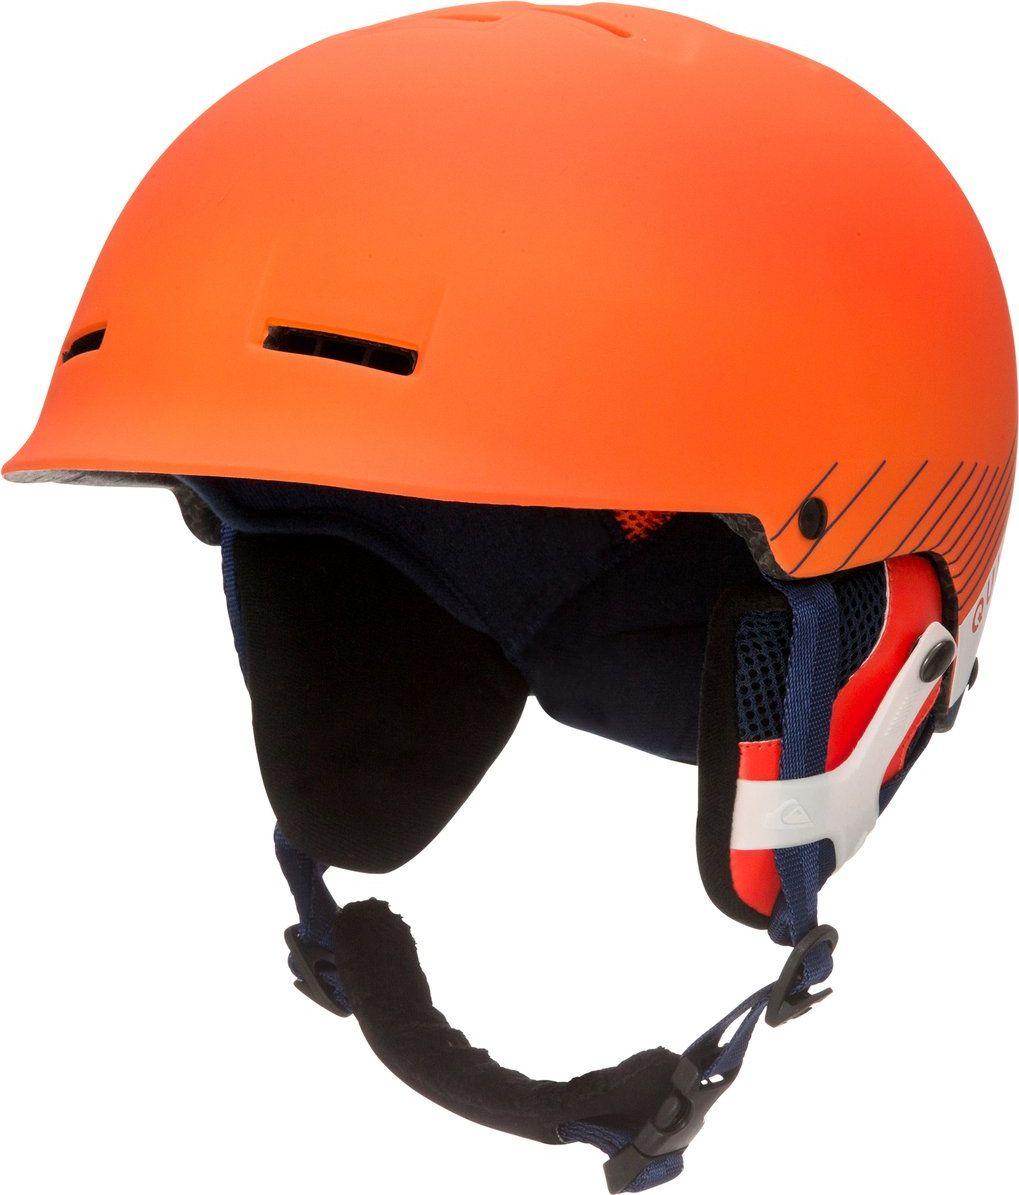 Сноубордический шлем Quiksilver Fusion, цвет: оранжевый. Размер 54/56EQYTL03019-NMS0Основной материал шлема Quiksilver Fusion: двойной микрошелл + сверхлегкая литая конструкция.Безопасность: ударопоглощающий пенный полимер EPS.Фронтальная и верхняя вентиляция.Подкладка из сетки и флиса.Мягкие термоформованные съемные накладки на уши.Стреп на подбородок: выполнен из мягкой шерпыВес: 350 г.